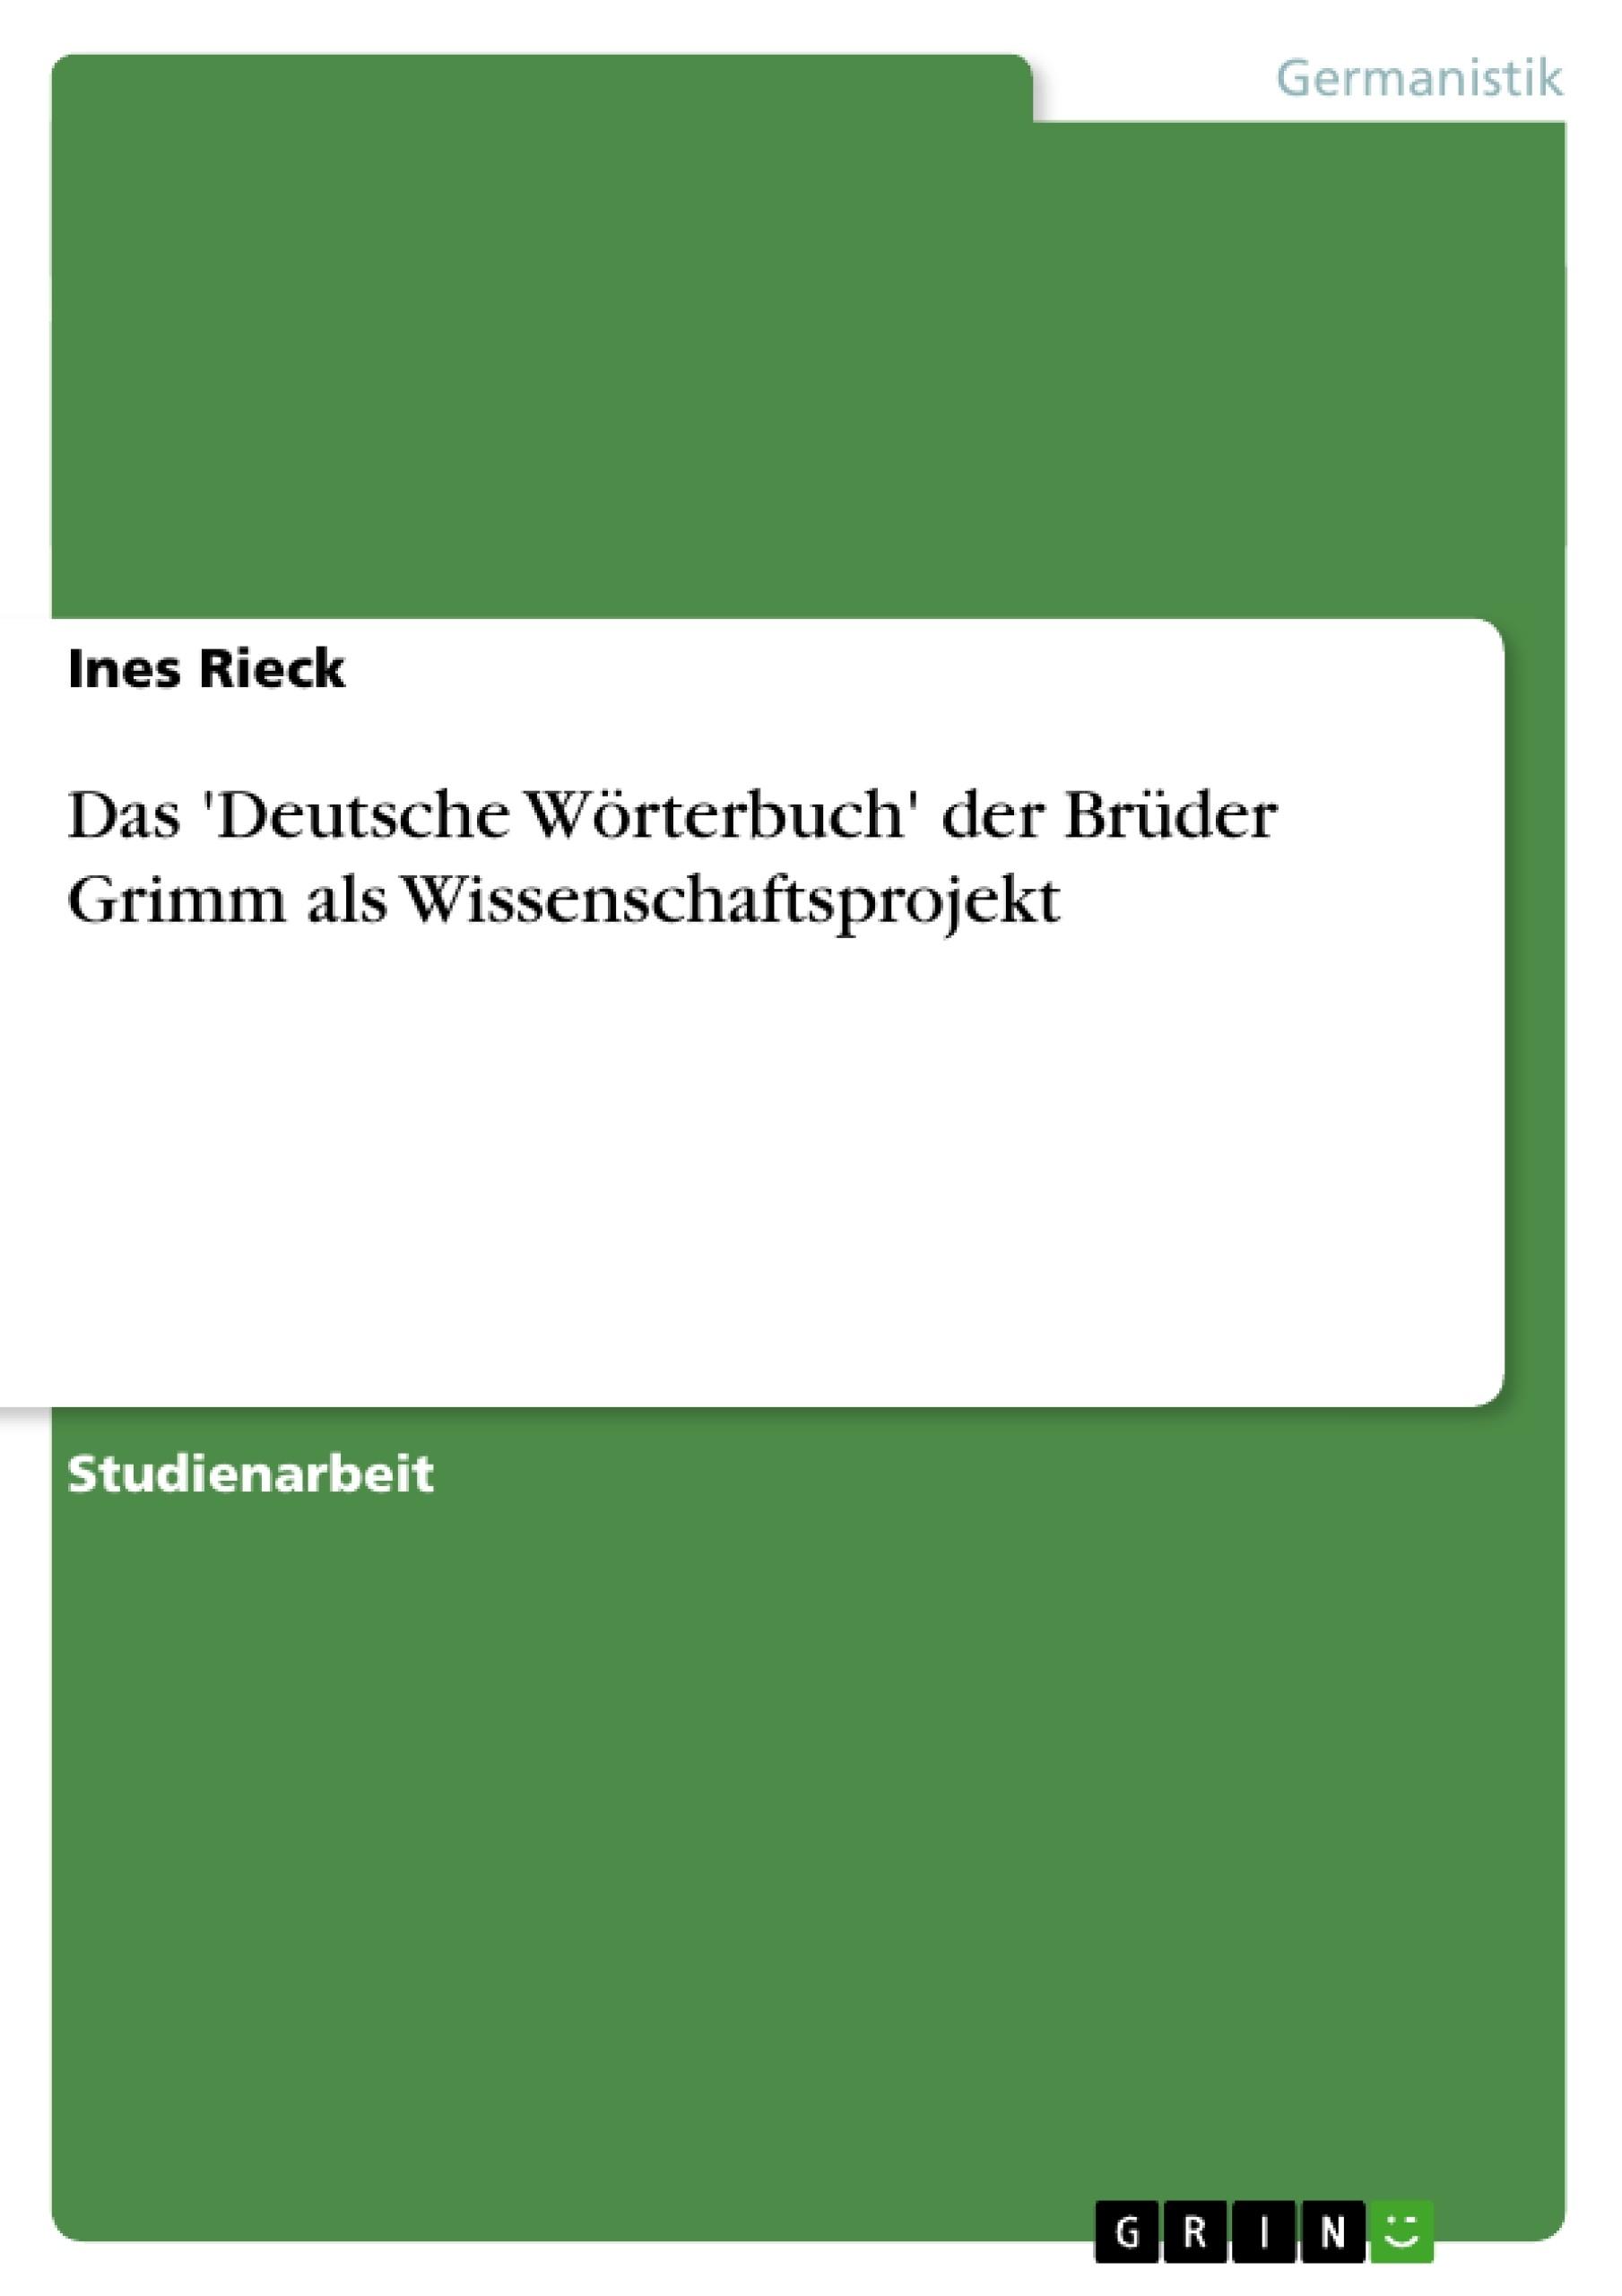 Titel: Das 'Deutsche Wörterbuch' der Brüder Grimm als Wissenschaftsprojekt